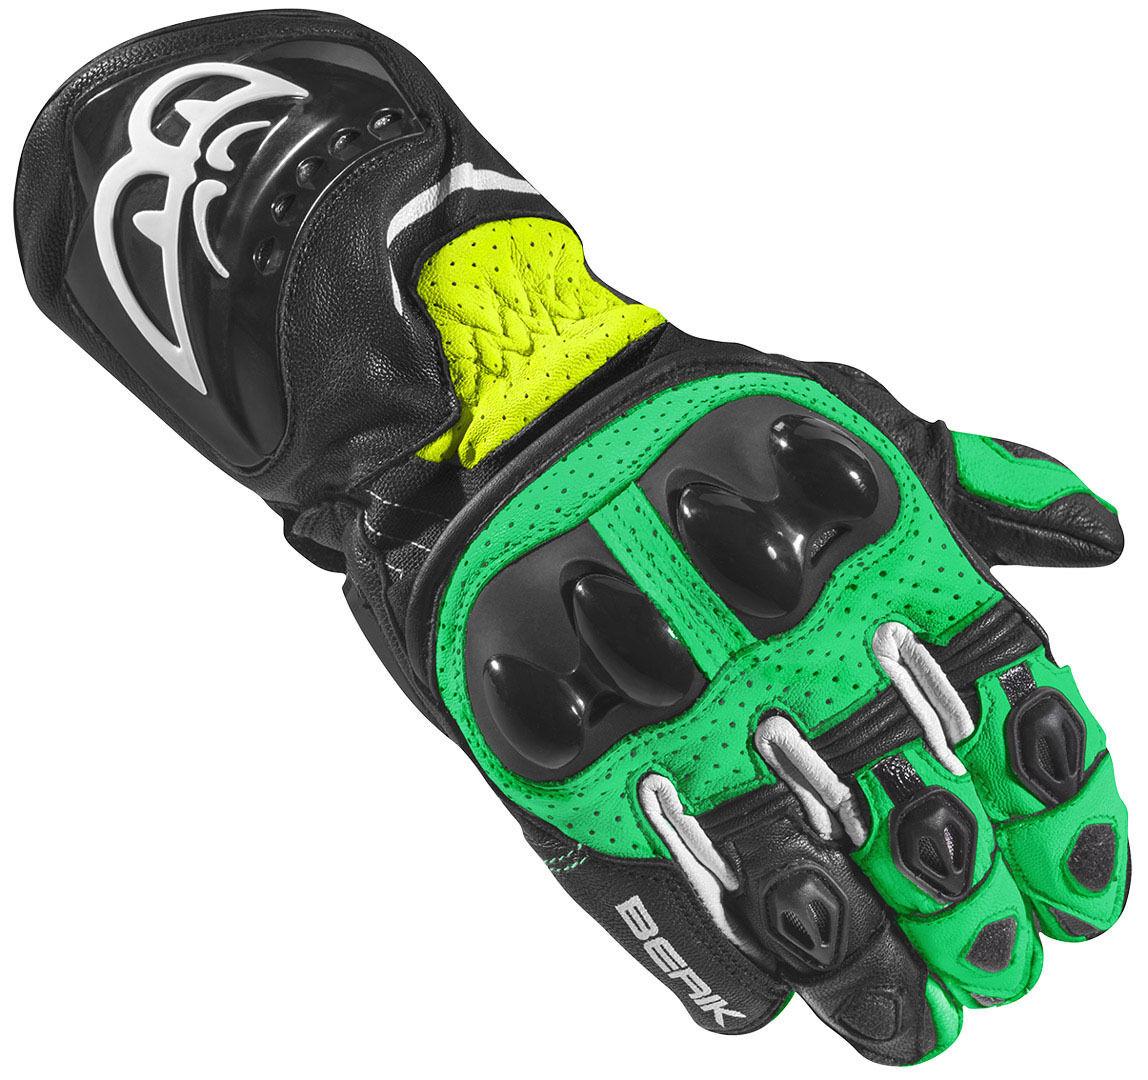 Berik Spa Evo Motorcykel handskar Svart Grön M